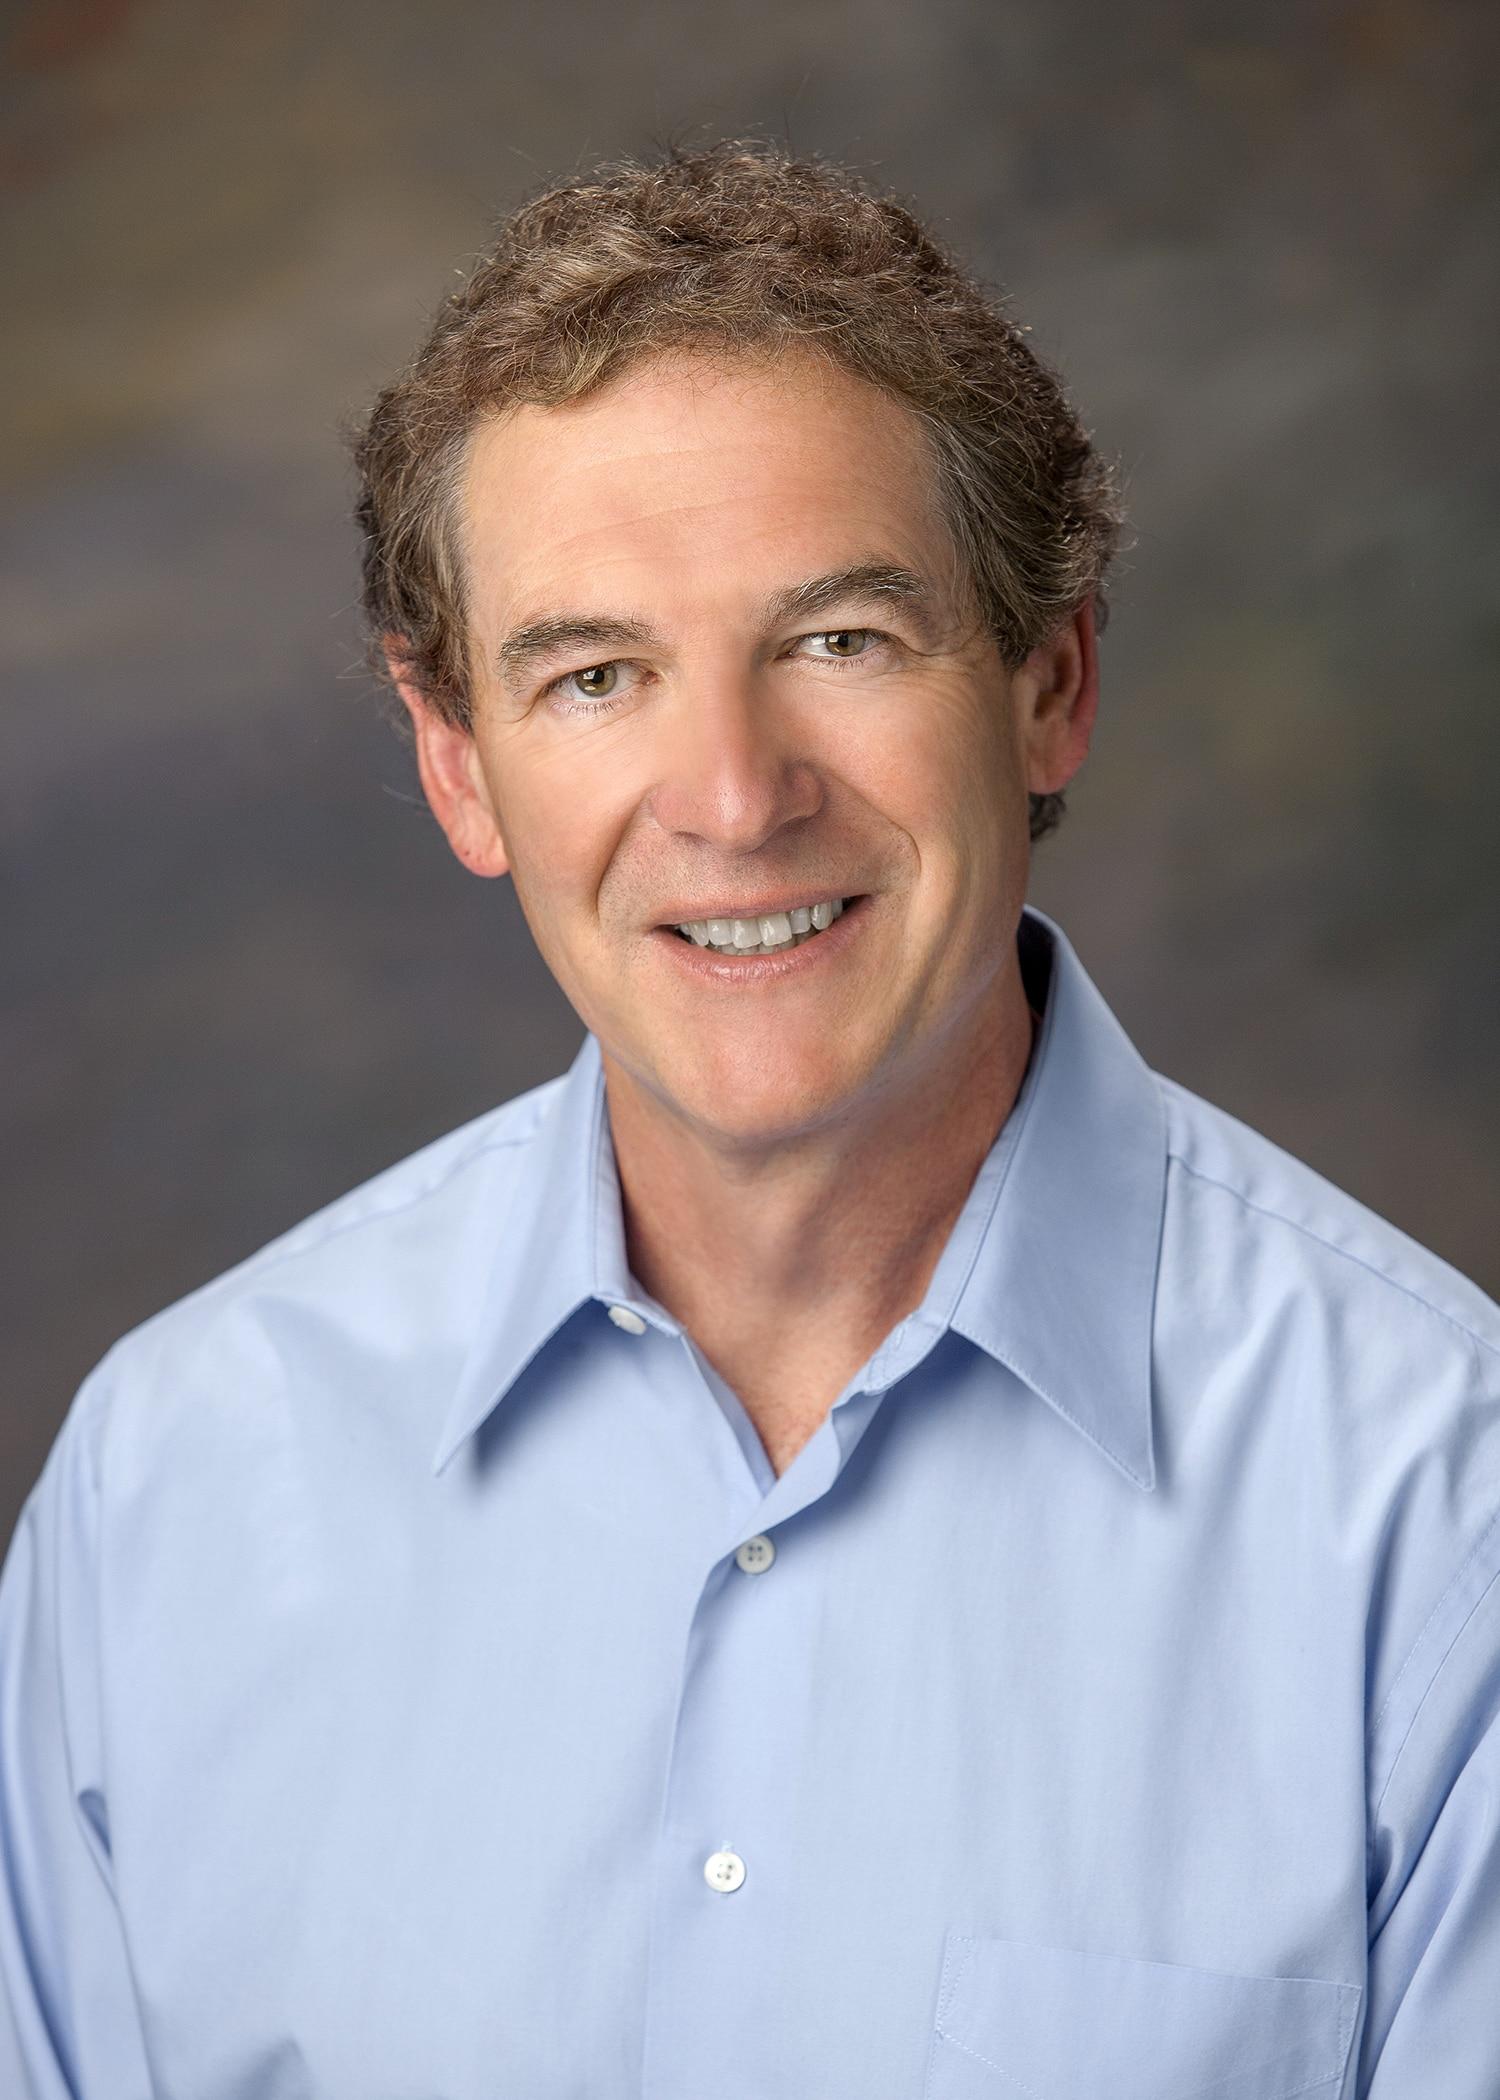 Bruce Belfiore